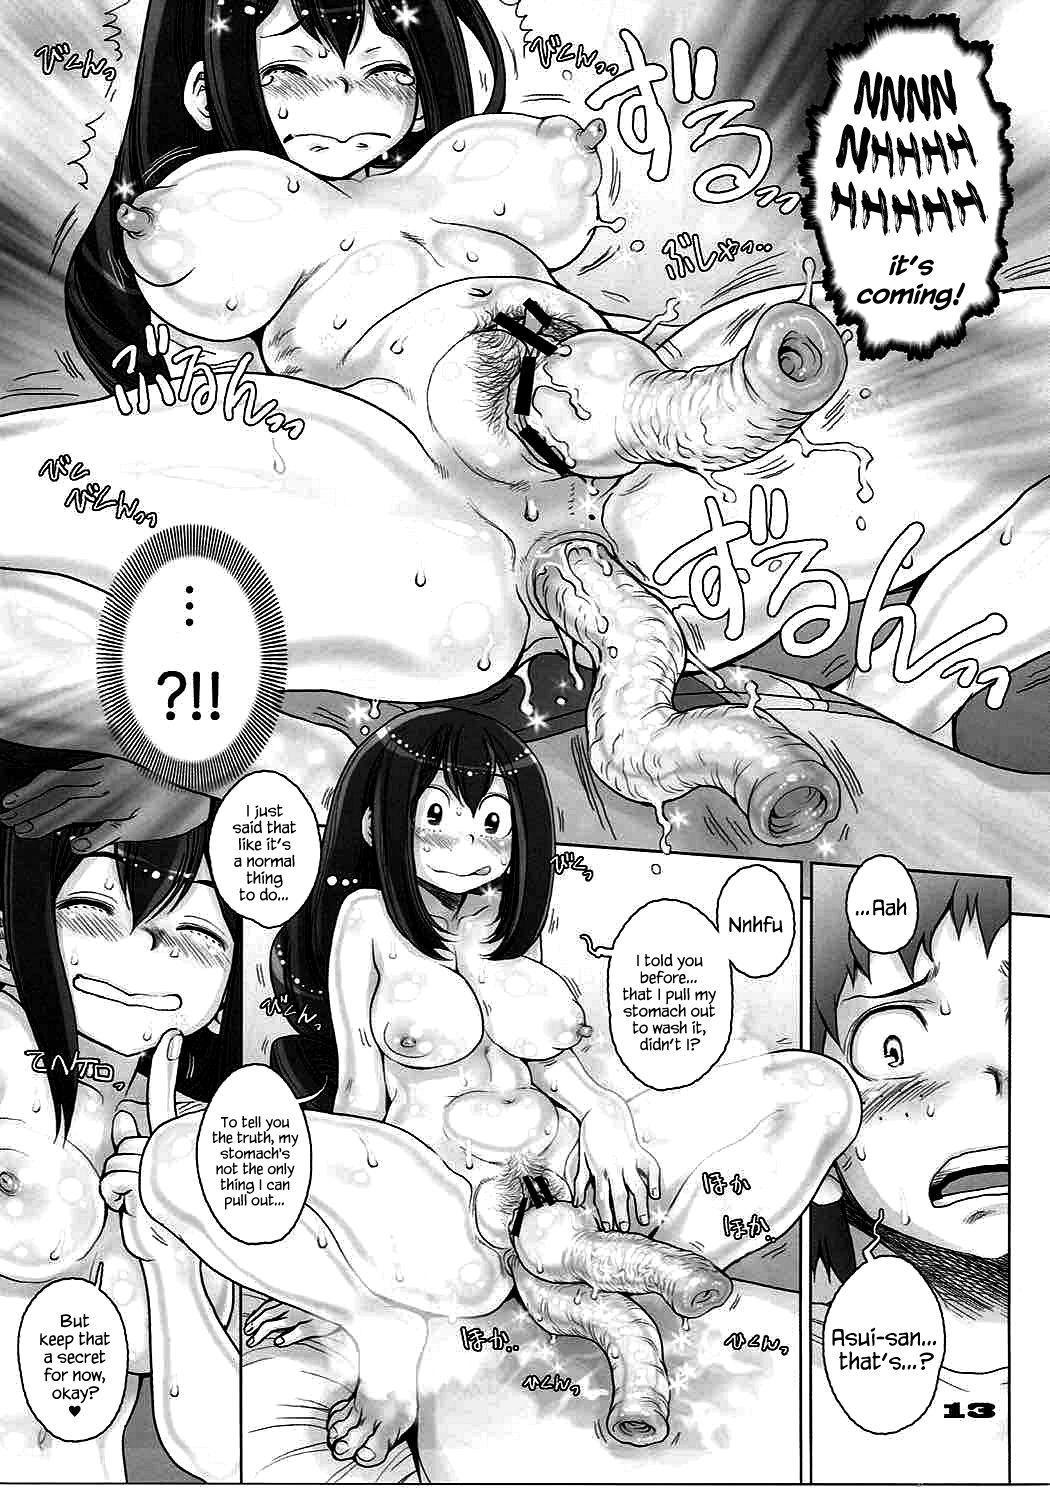 Anime Hentai - Midoria Lascando a perereca